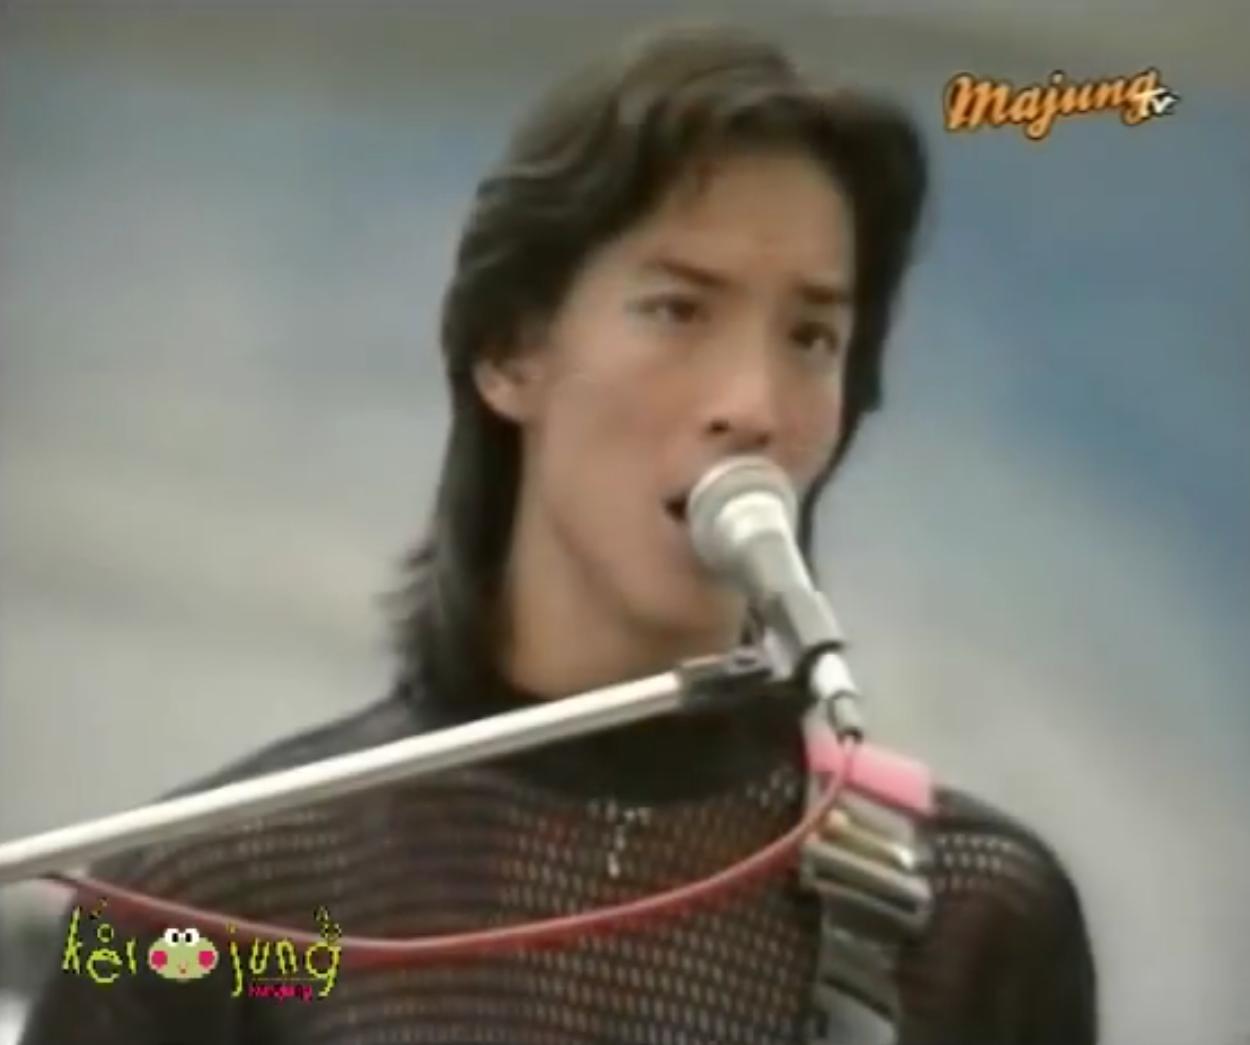 โจนูโว คอนเสิร์ตโลกดนตรี